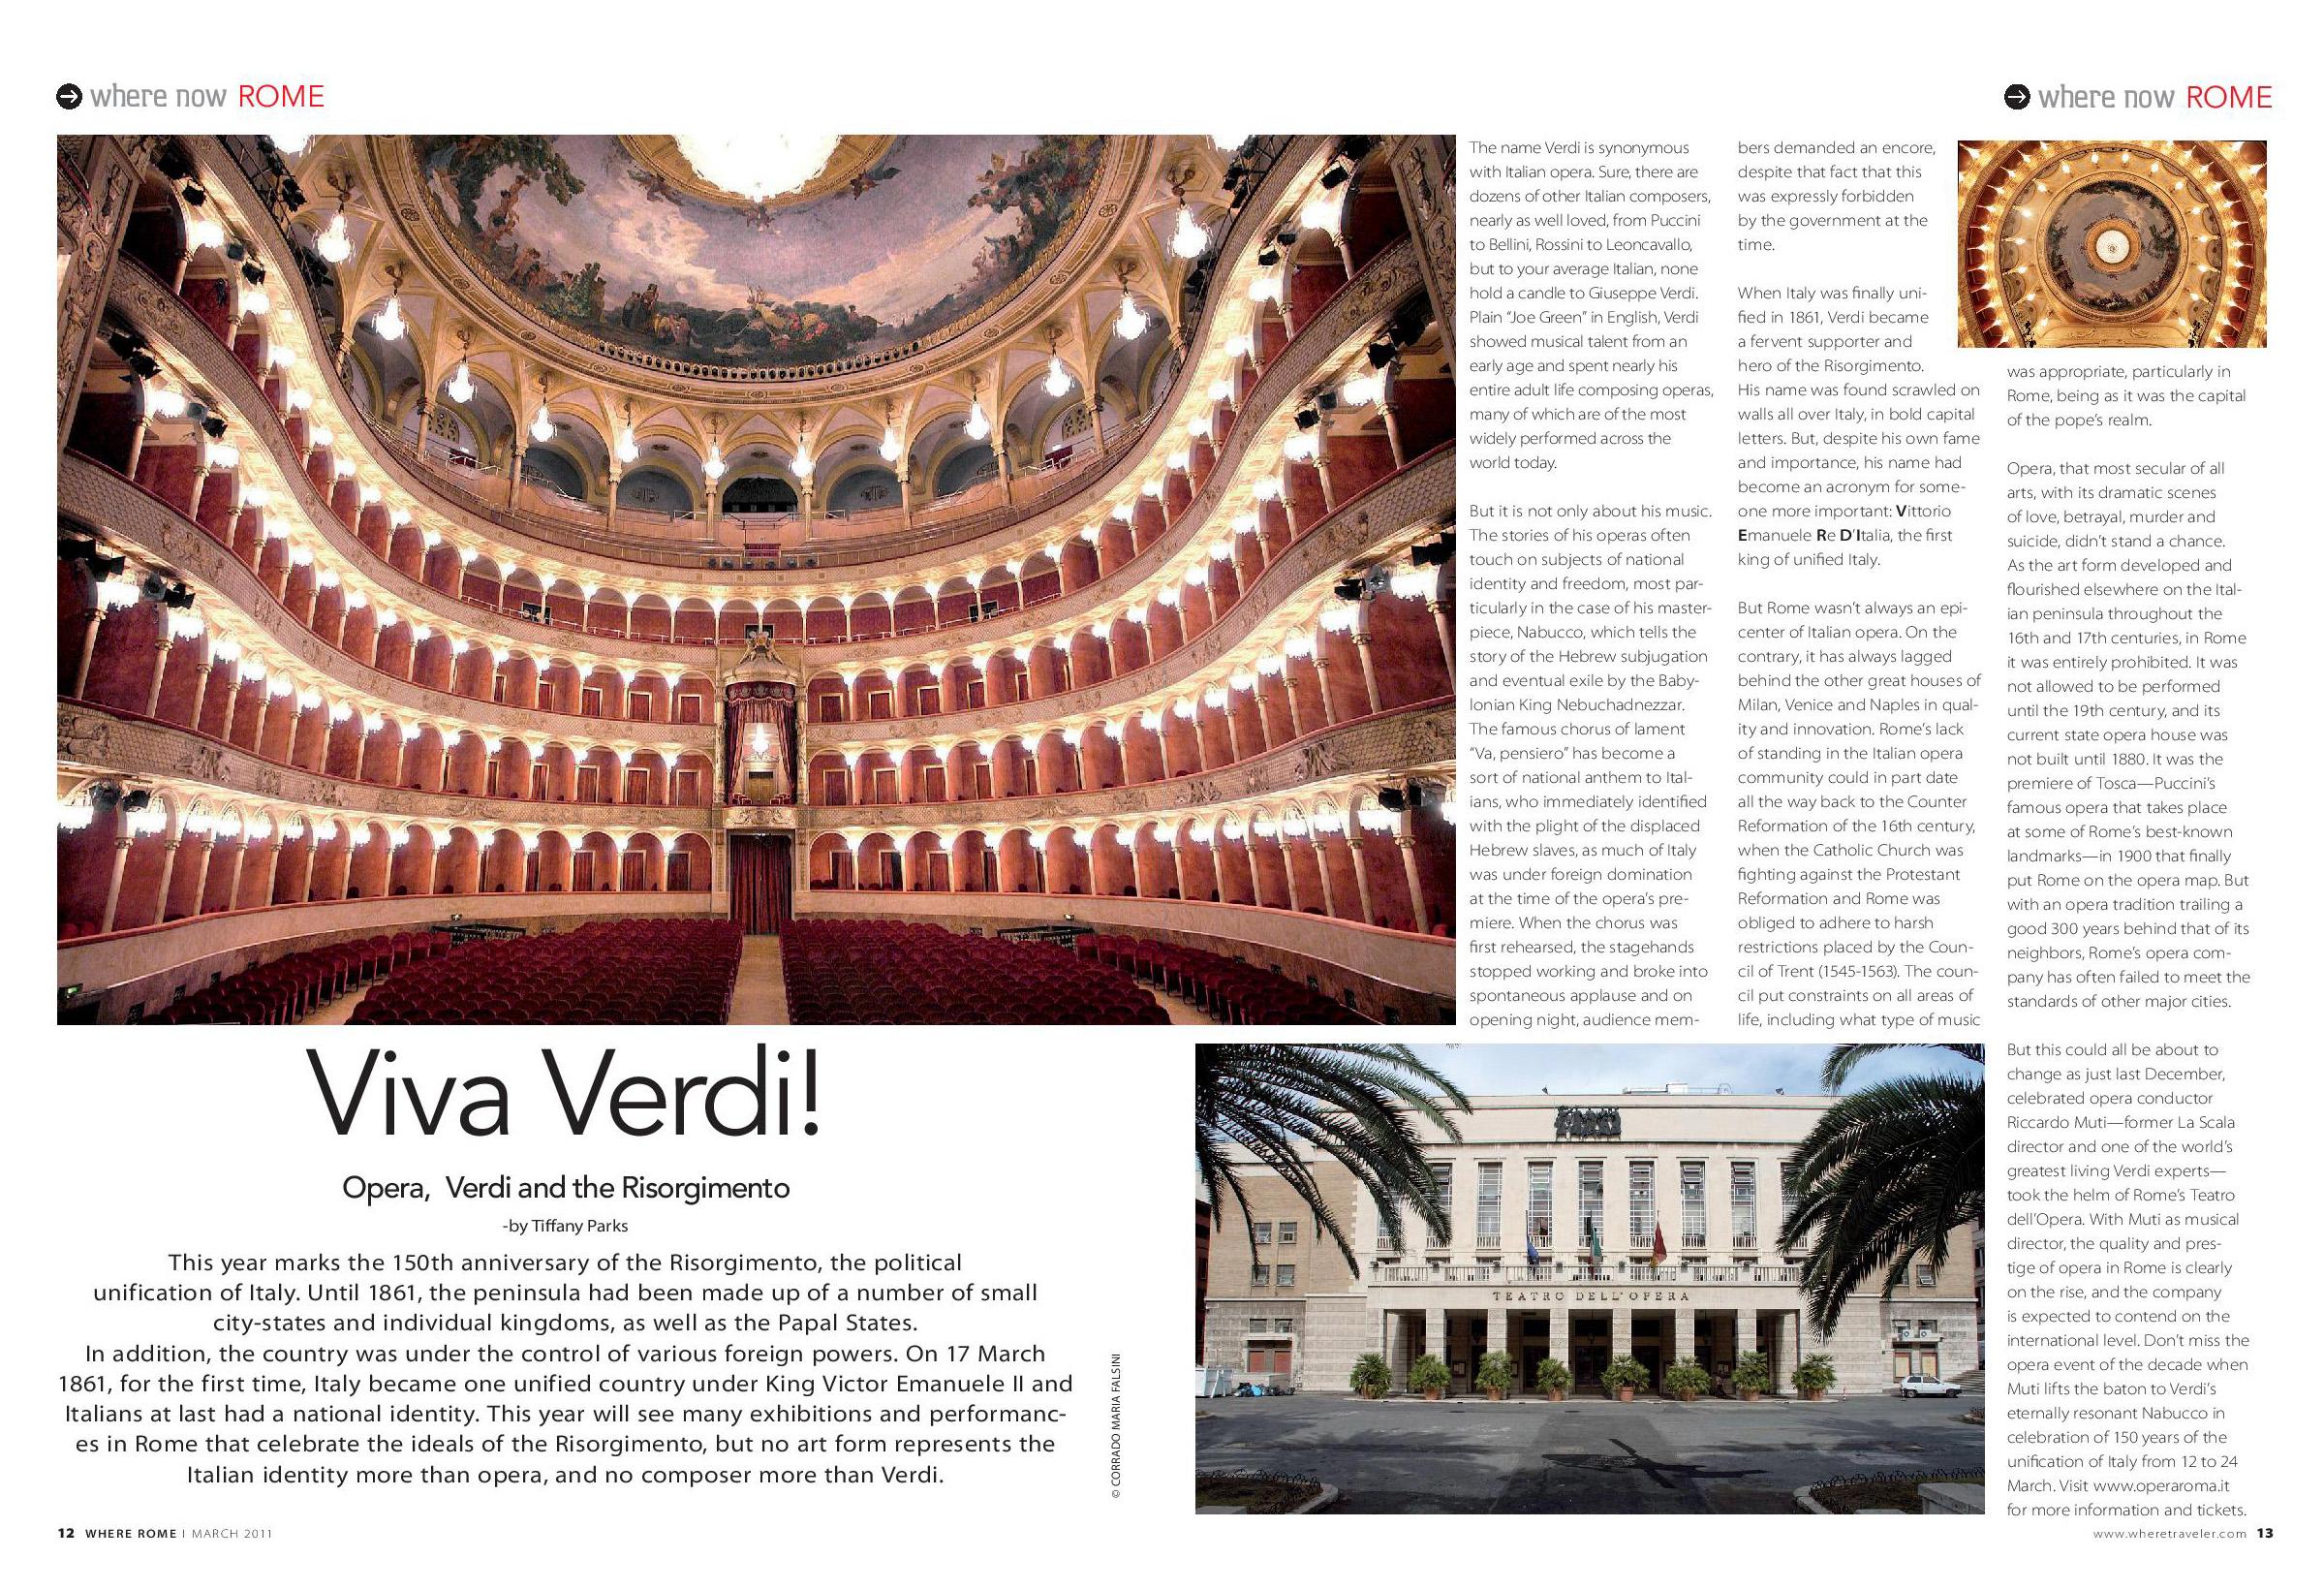 Viva-Verdi-where-rome-mar-2011.jpg